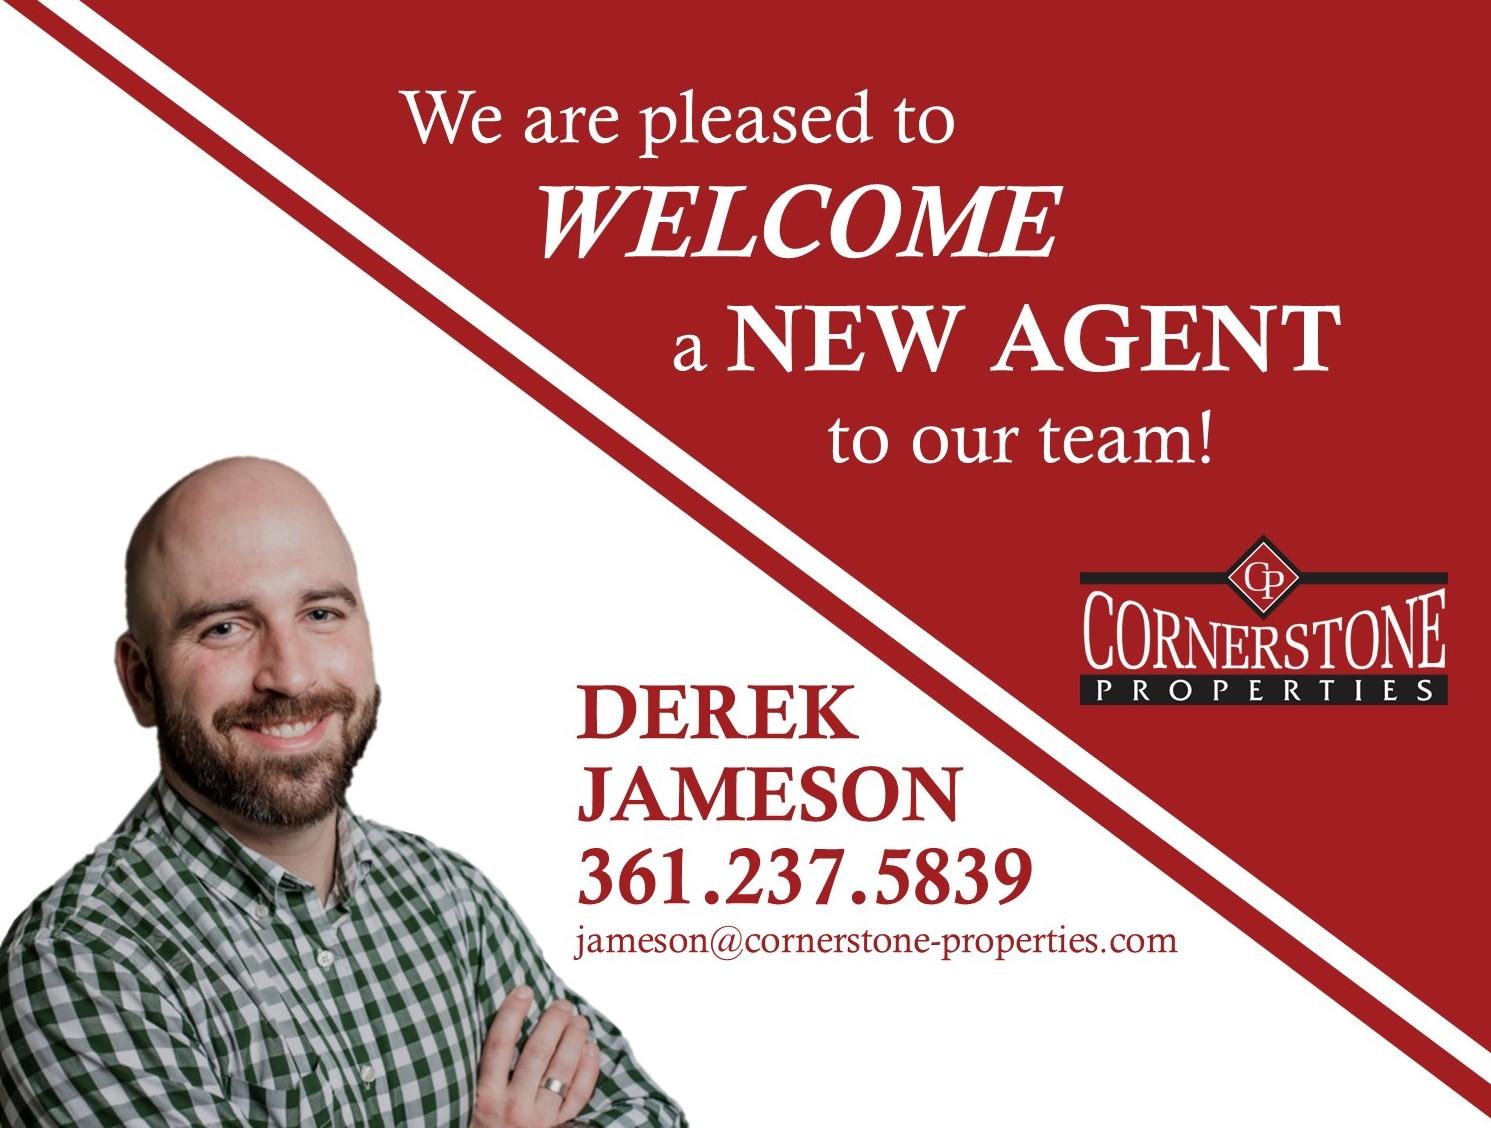 Welcome Derek to the Cornerstone Team!